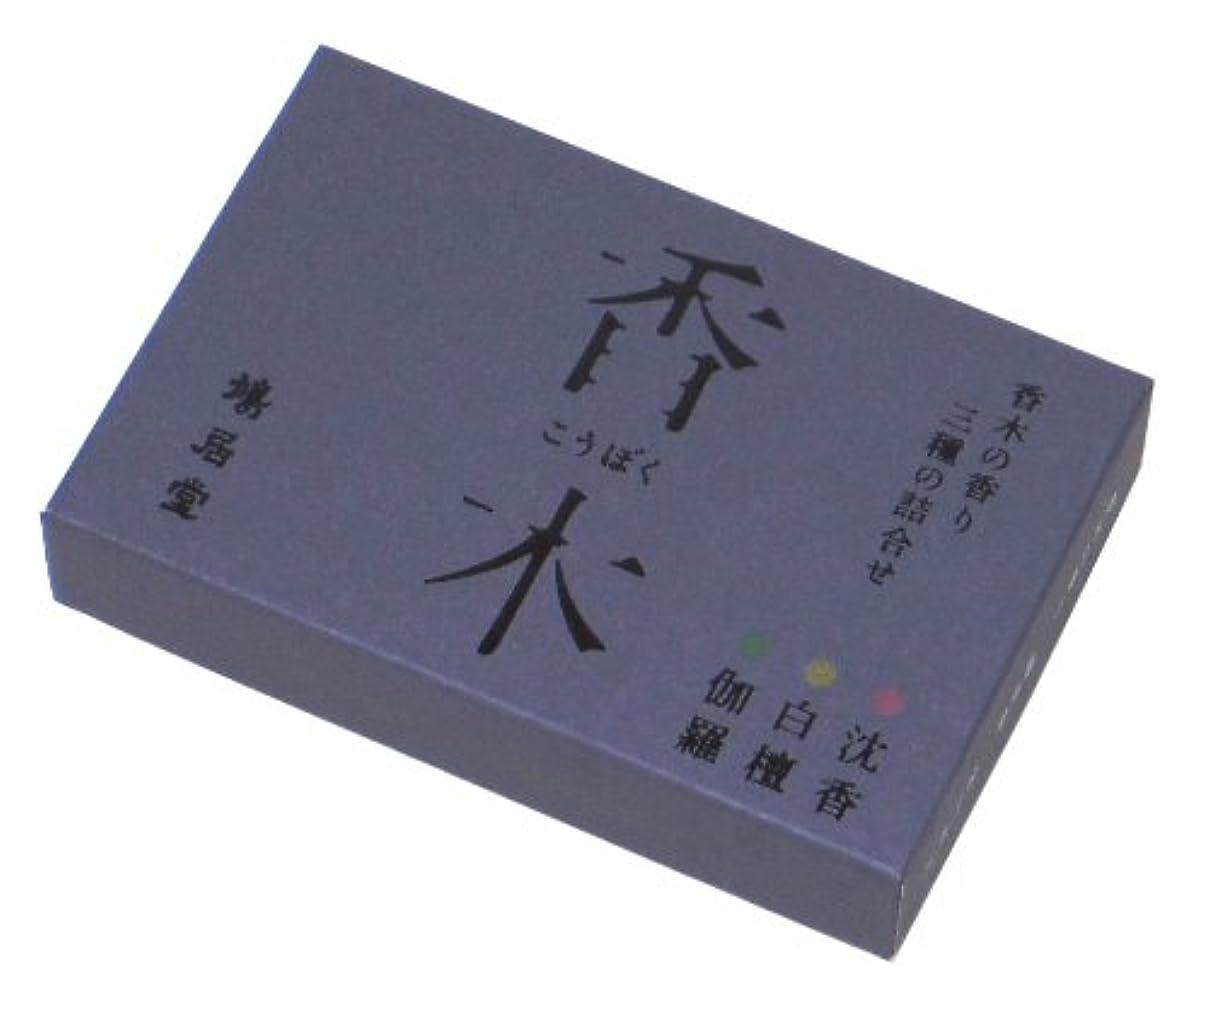 モンキー切る傾く鳩居堂のお香 香木の香り3種セット 3種類各10本入 6cm 香立入